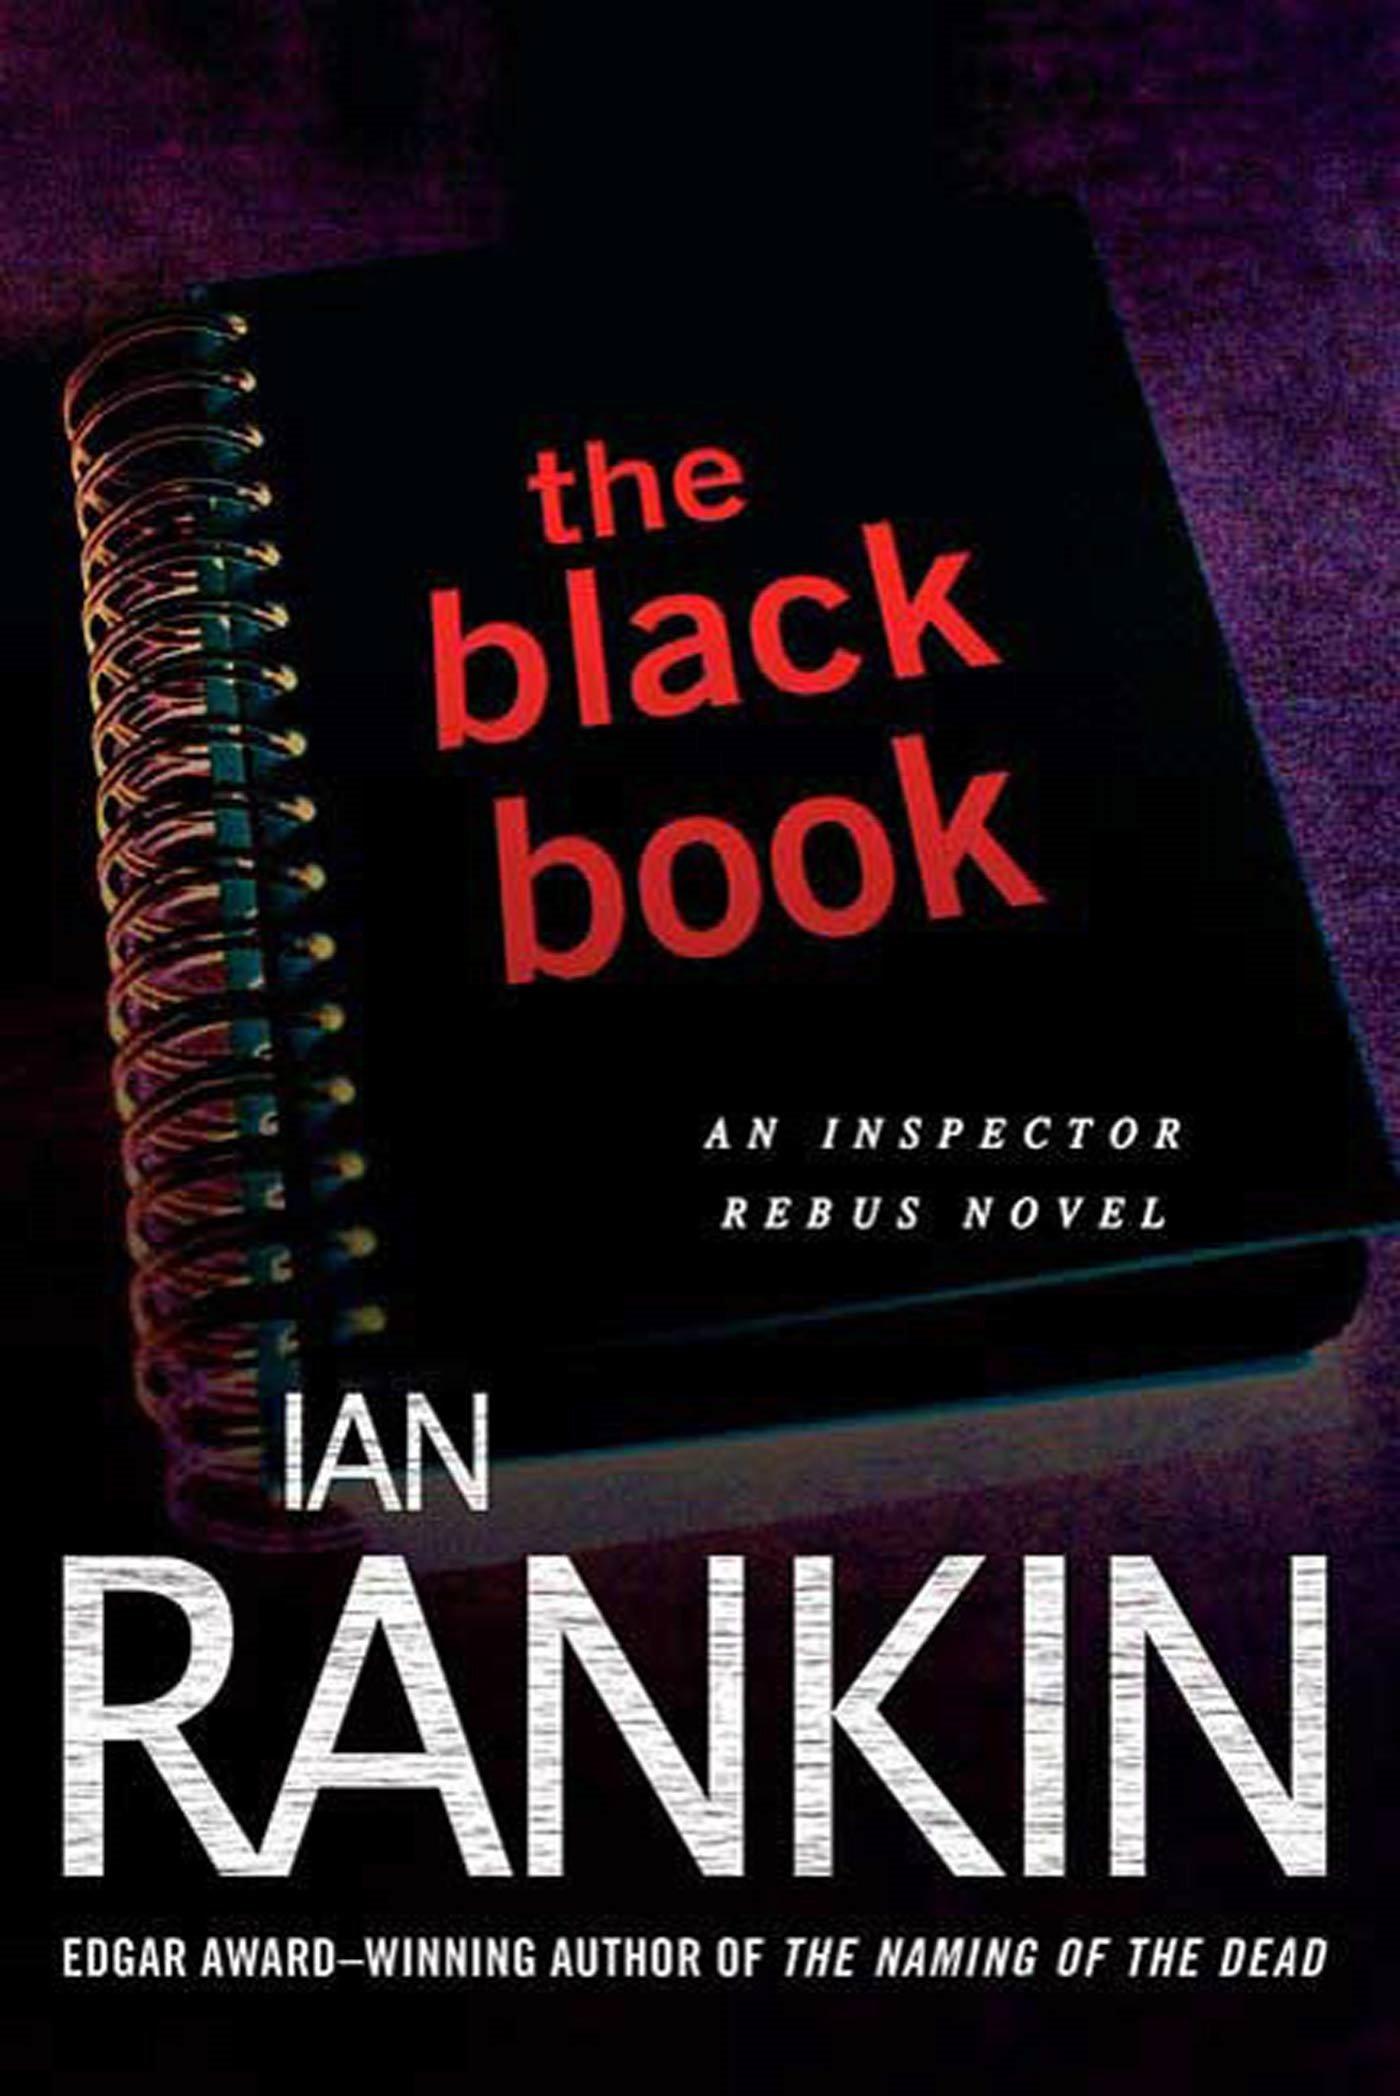 The Black Book: An Inspector Rebus Novel Inspector Rebus Novels: Amazon.es: Ian Rankin: Libros en idiomas extranjeros